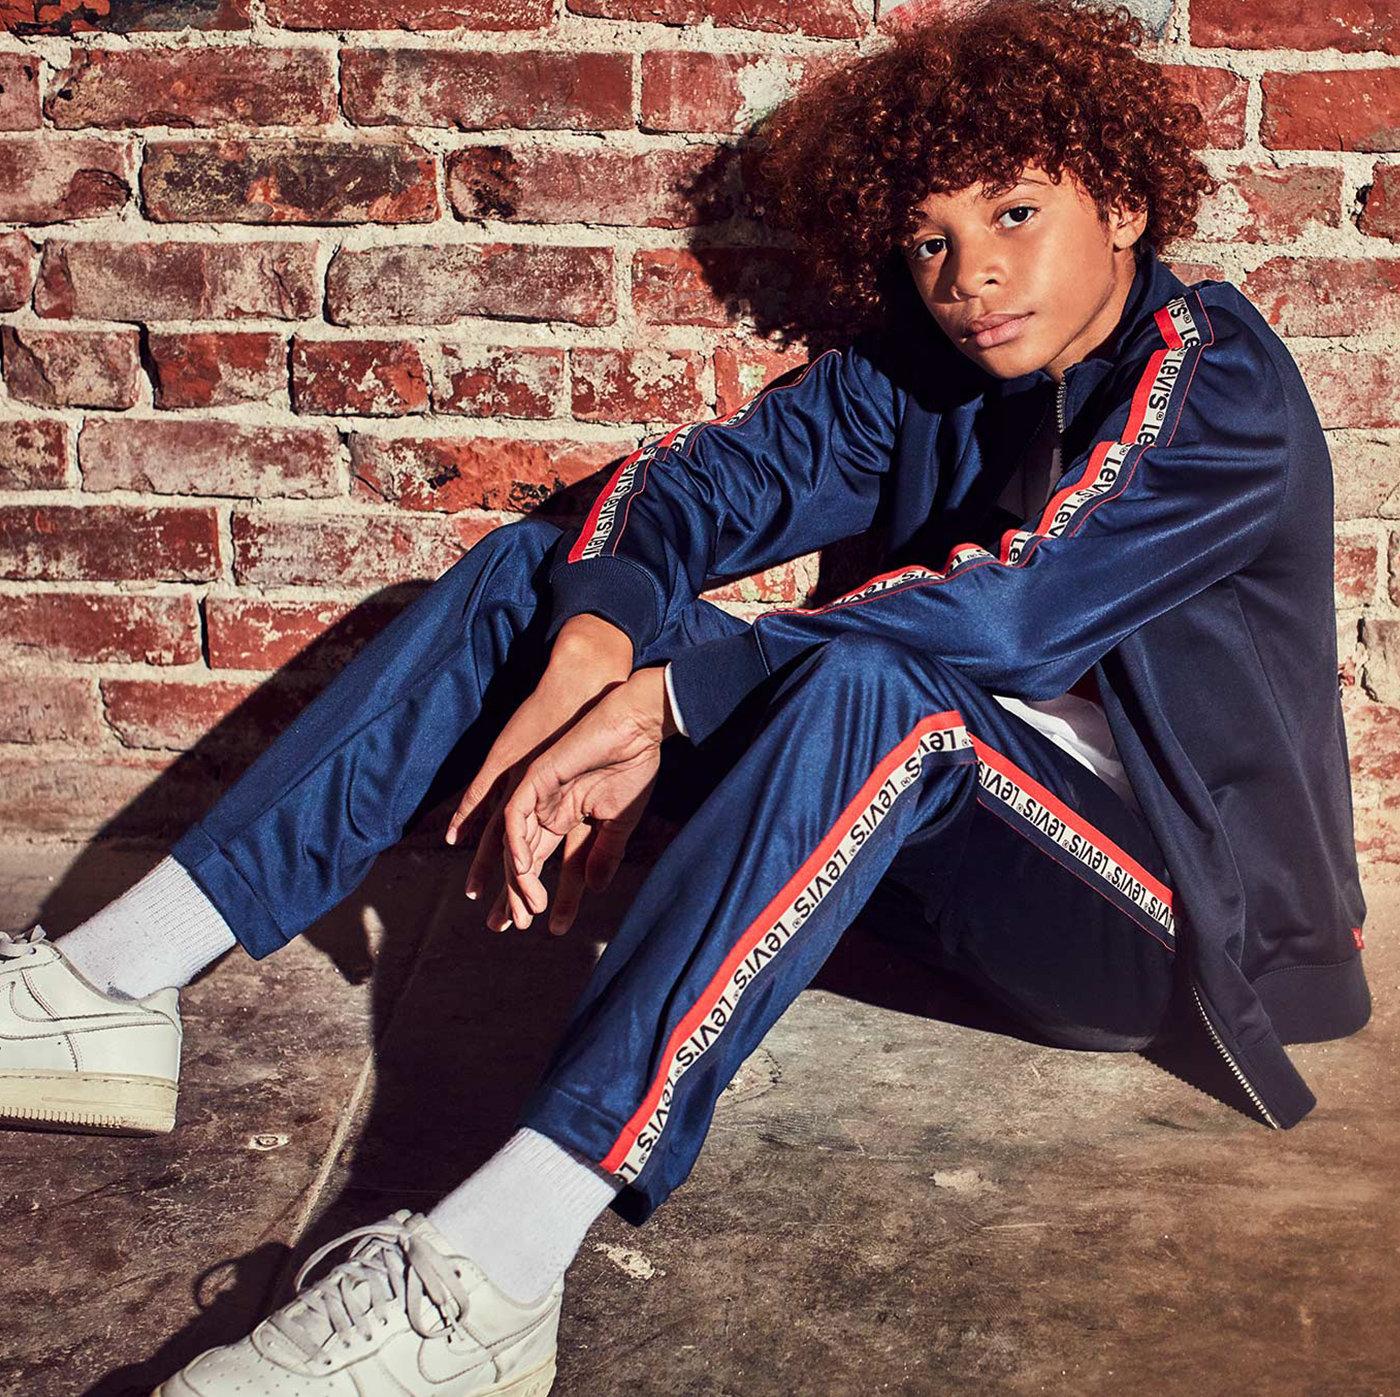 Boy wearing levis Jeans